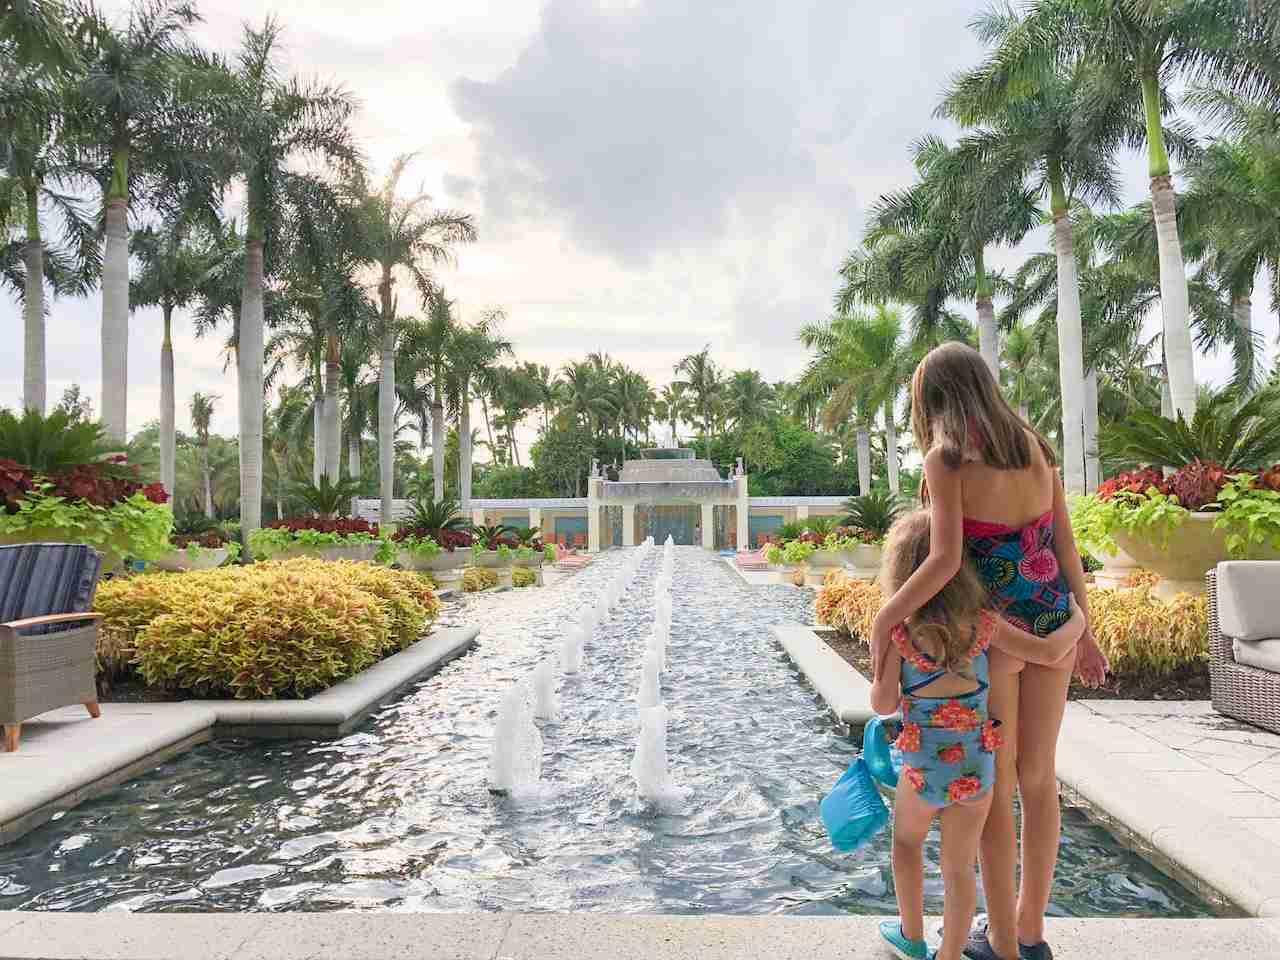 Hyatt Regency Coconut Point - a must-visit for our family